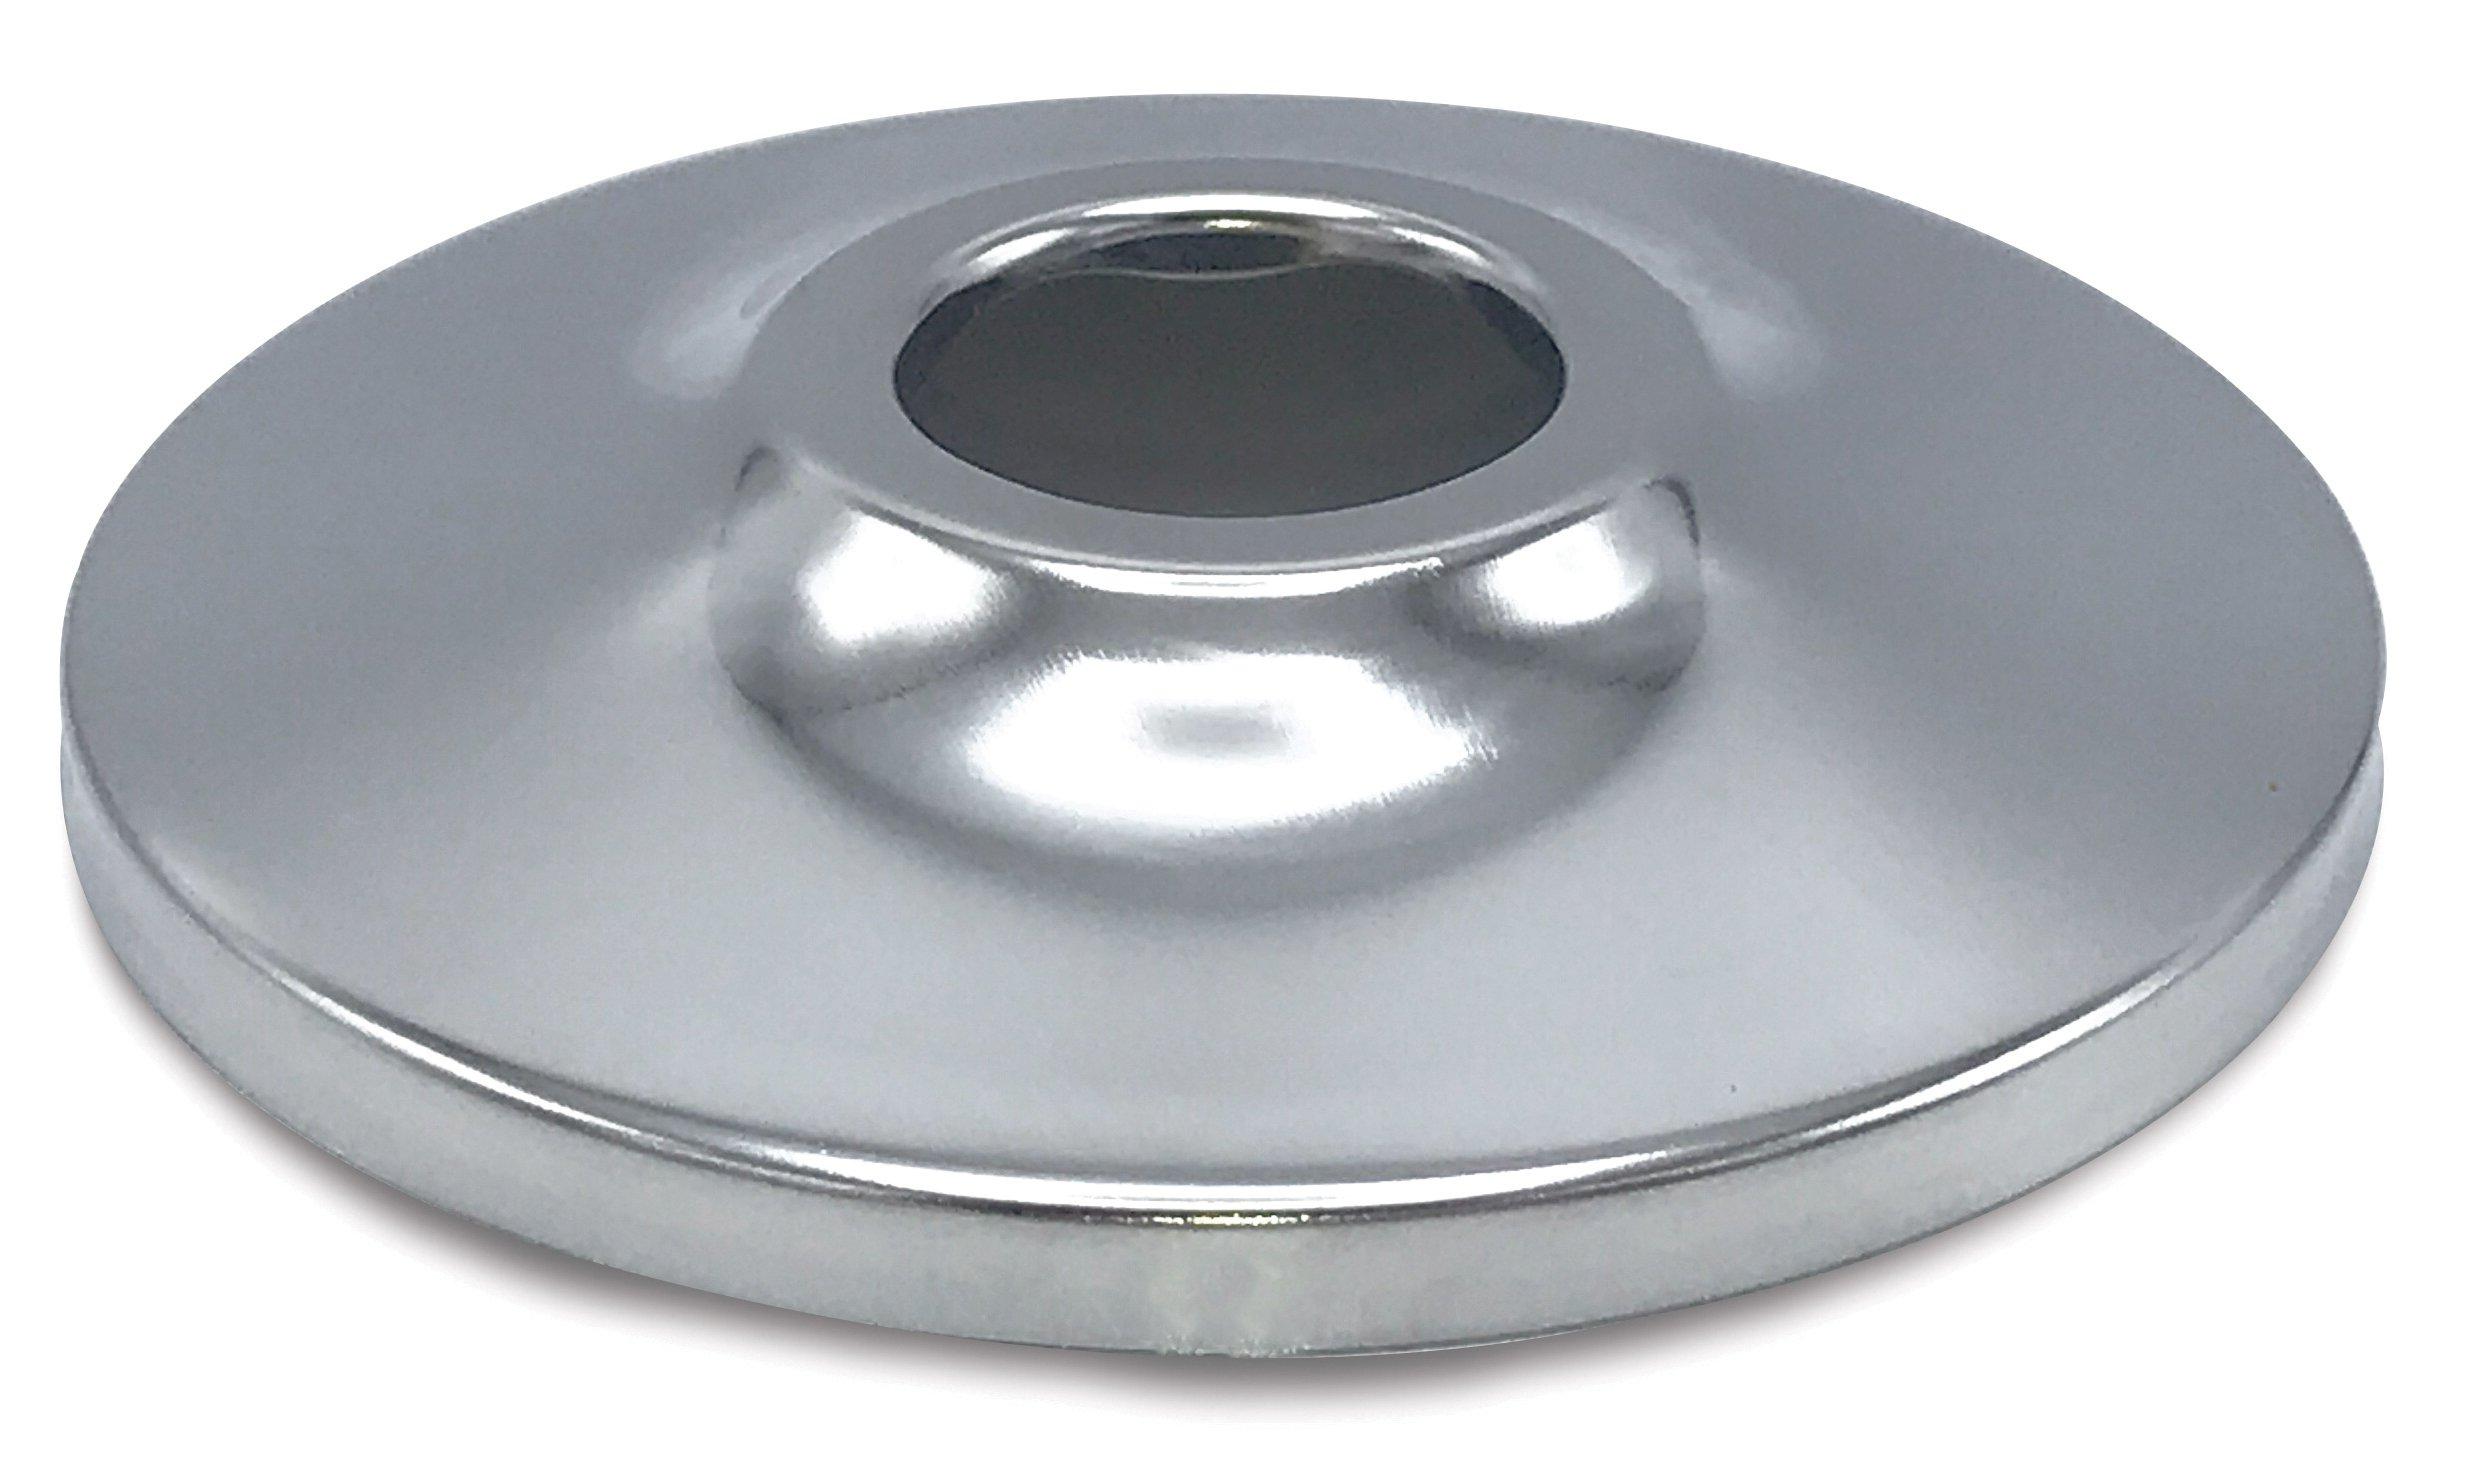 """Walrich 1610006 3/4"""" Ips Chrome Steel Flat Low Sink Faucet Escutcheon"""